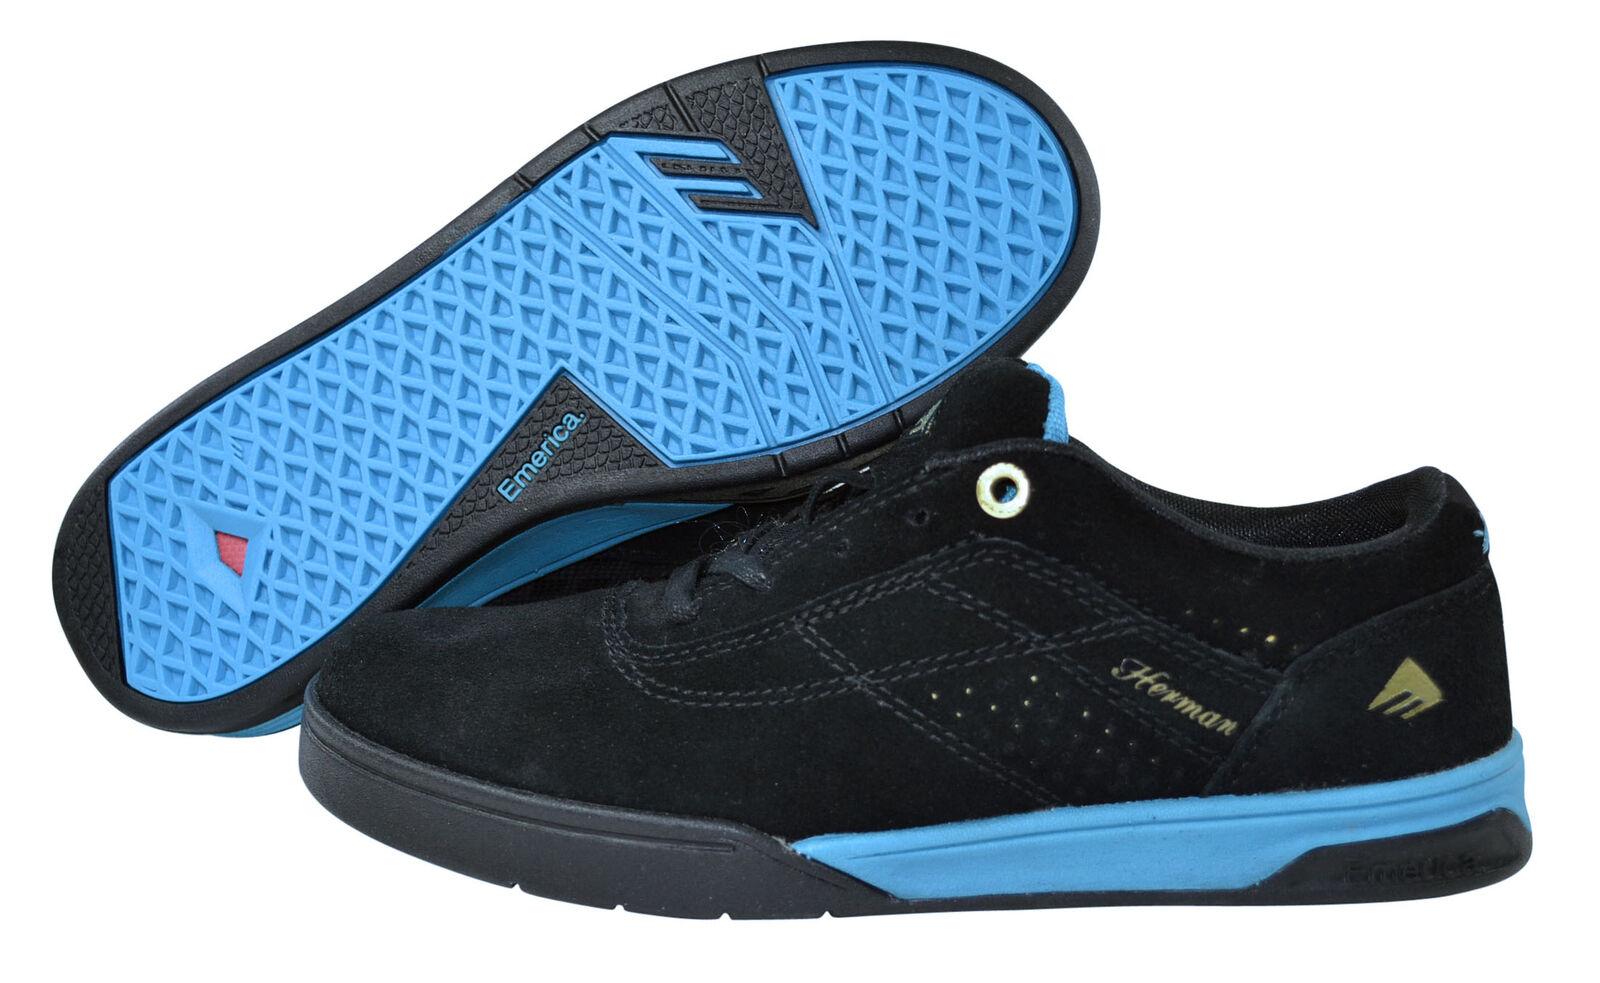 Descuento de la marca Emerica the Hermann g6 skater zapatos/cortos Black/Aloha tamaños de selección